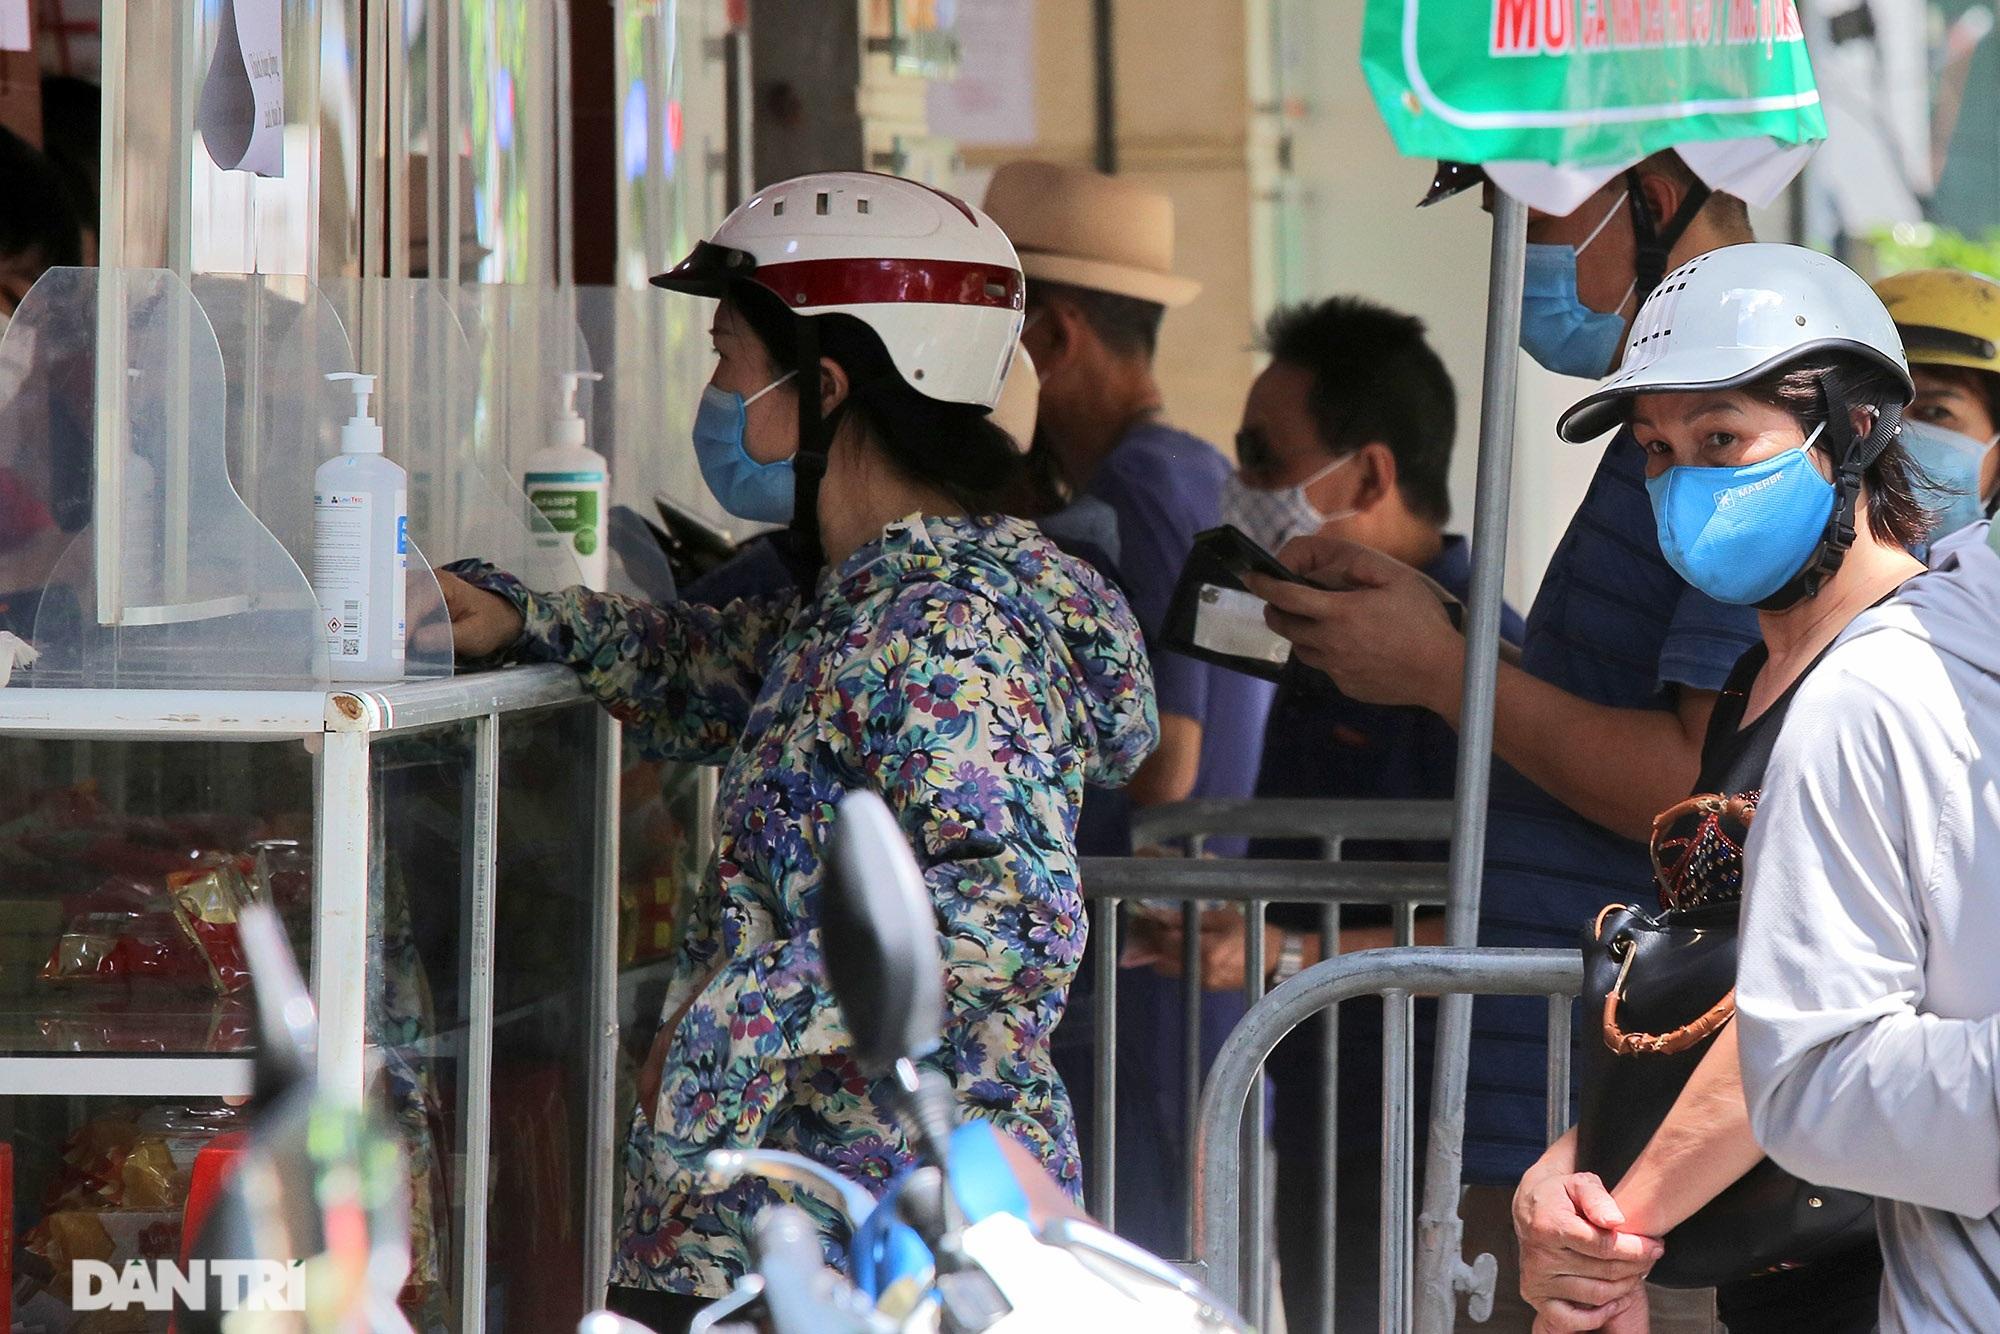 Xếp hàng dài chờ mua bánh trung thu trên phố Bà Triệu - 6